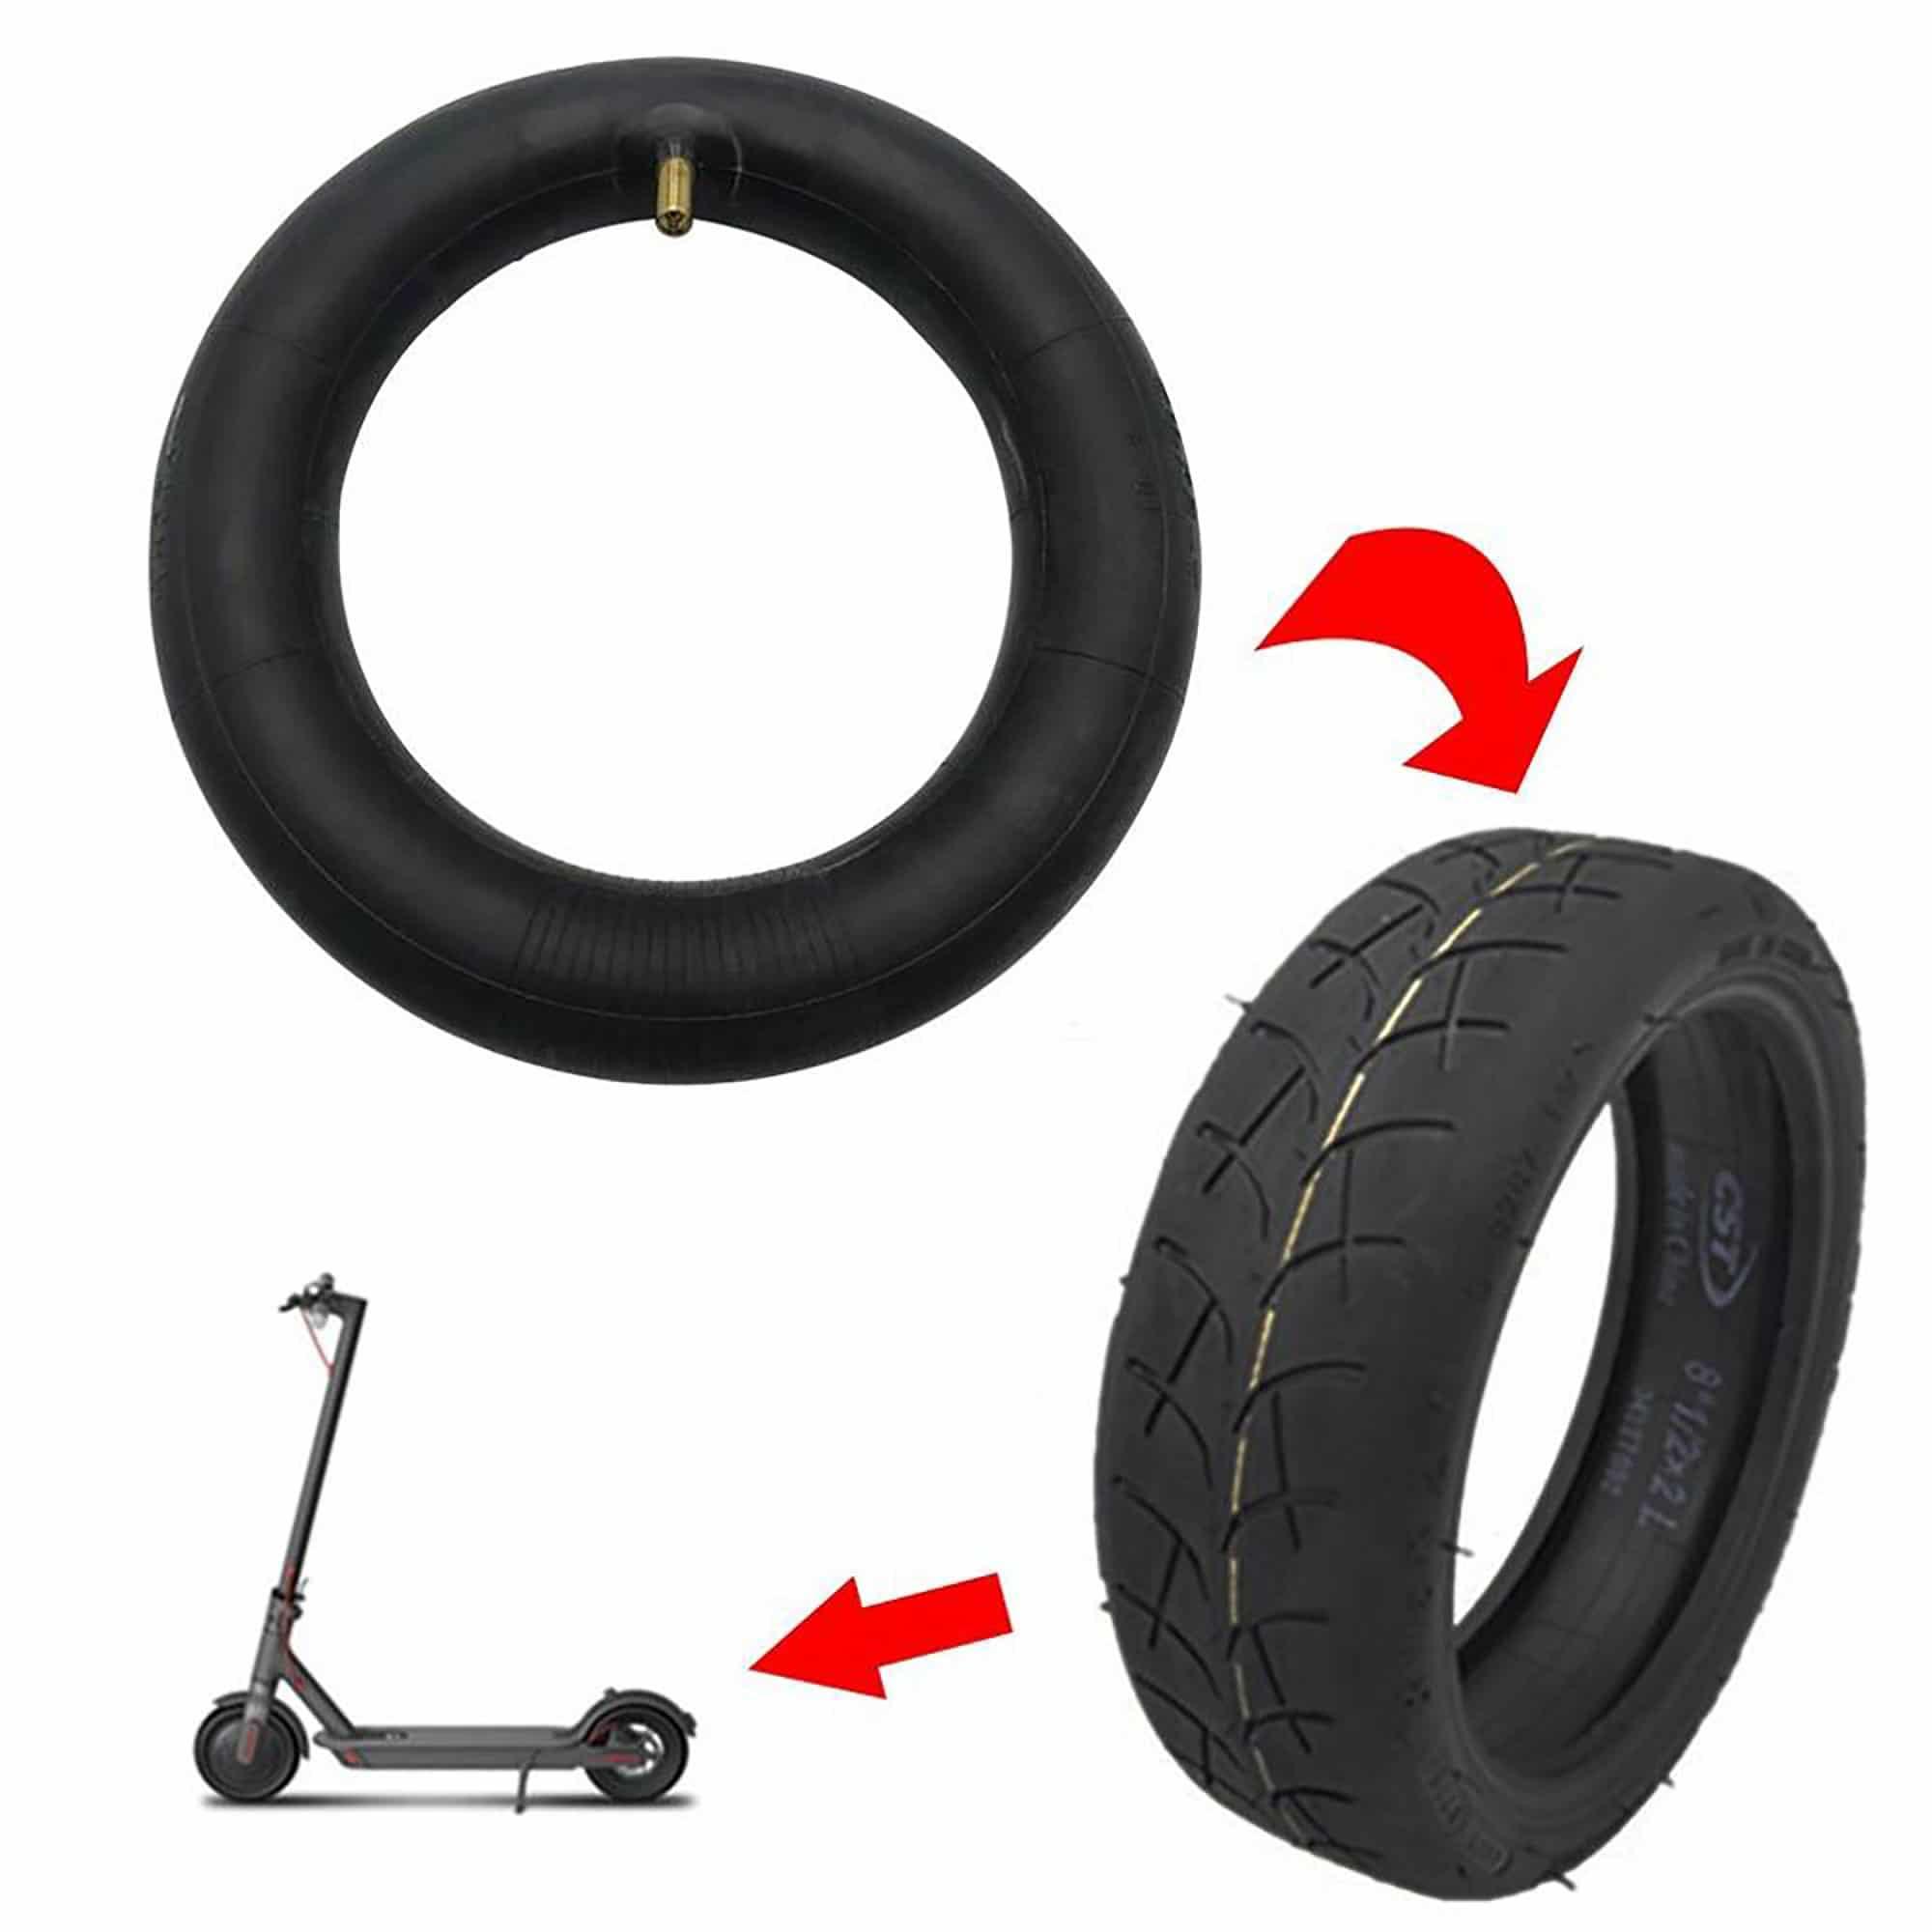 montaje de neumáticos con cámara de aire - Zwheel